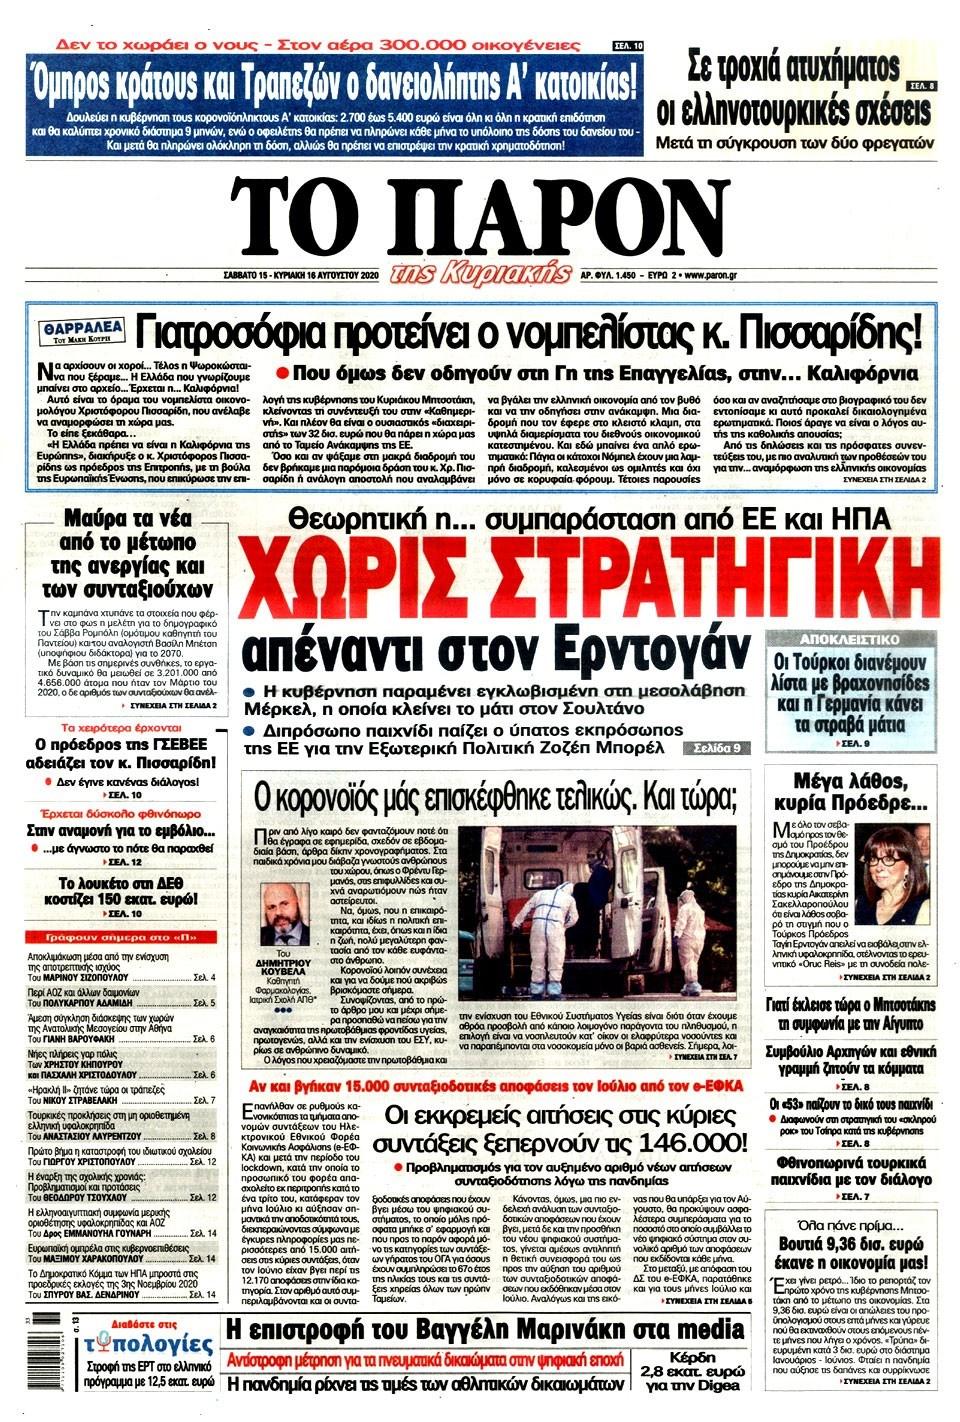 Τα πρωτοσέλιδα των Κυριακάτικων εφημερίδων, που κυκλοφορούν Σάββατο!